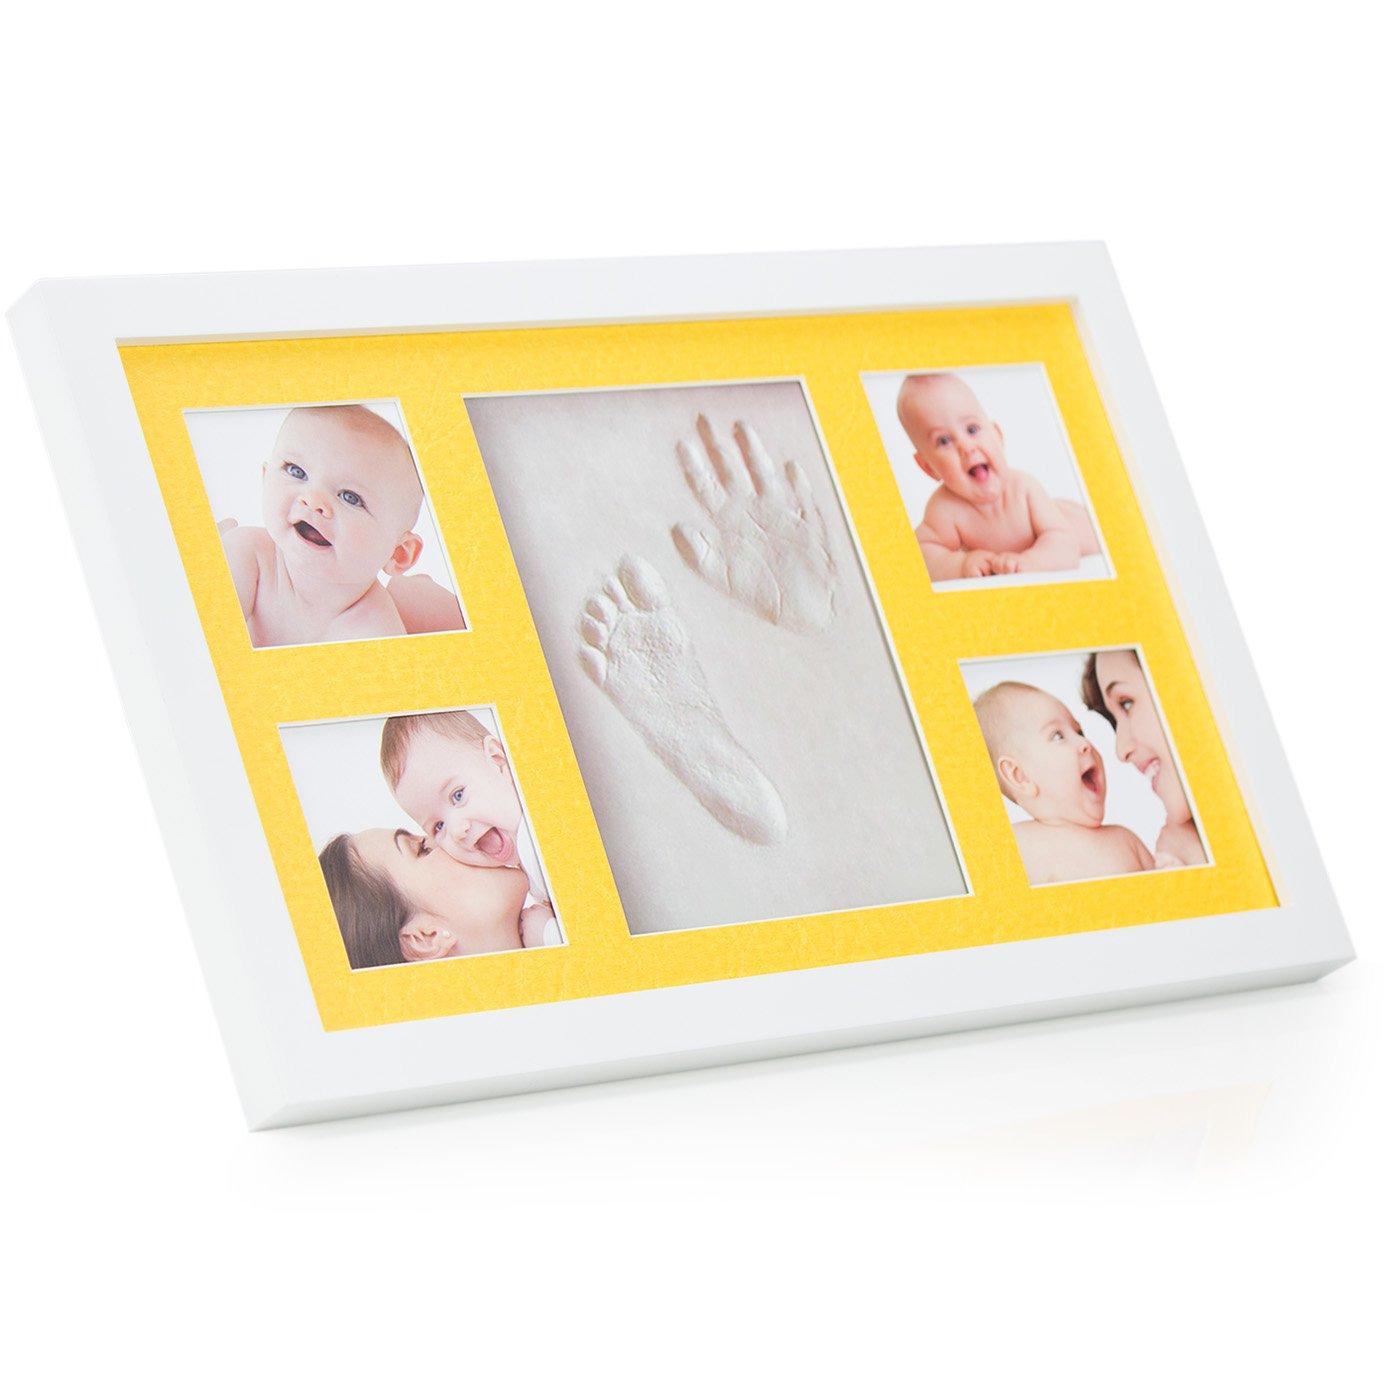 60 gramos Arcilla no agrietada para impresiones perfectas de la huella y mano de tus beb/és Air Dry Clay ELASTICO by Babyboon